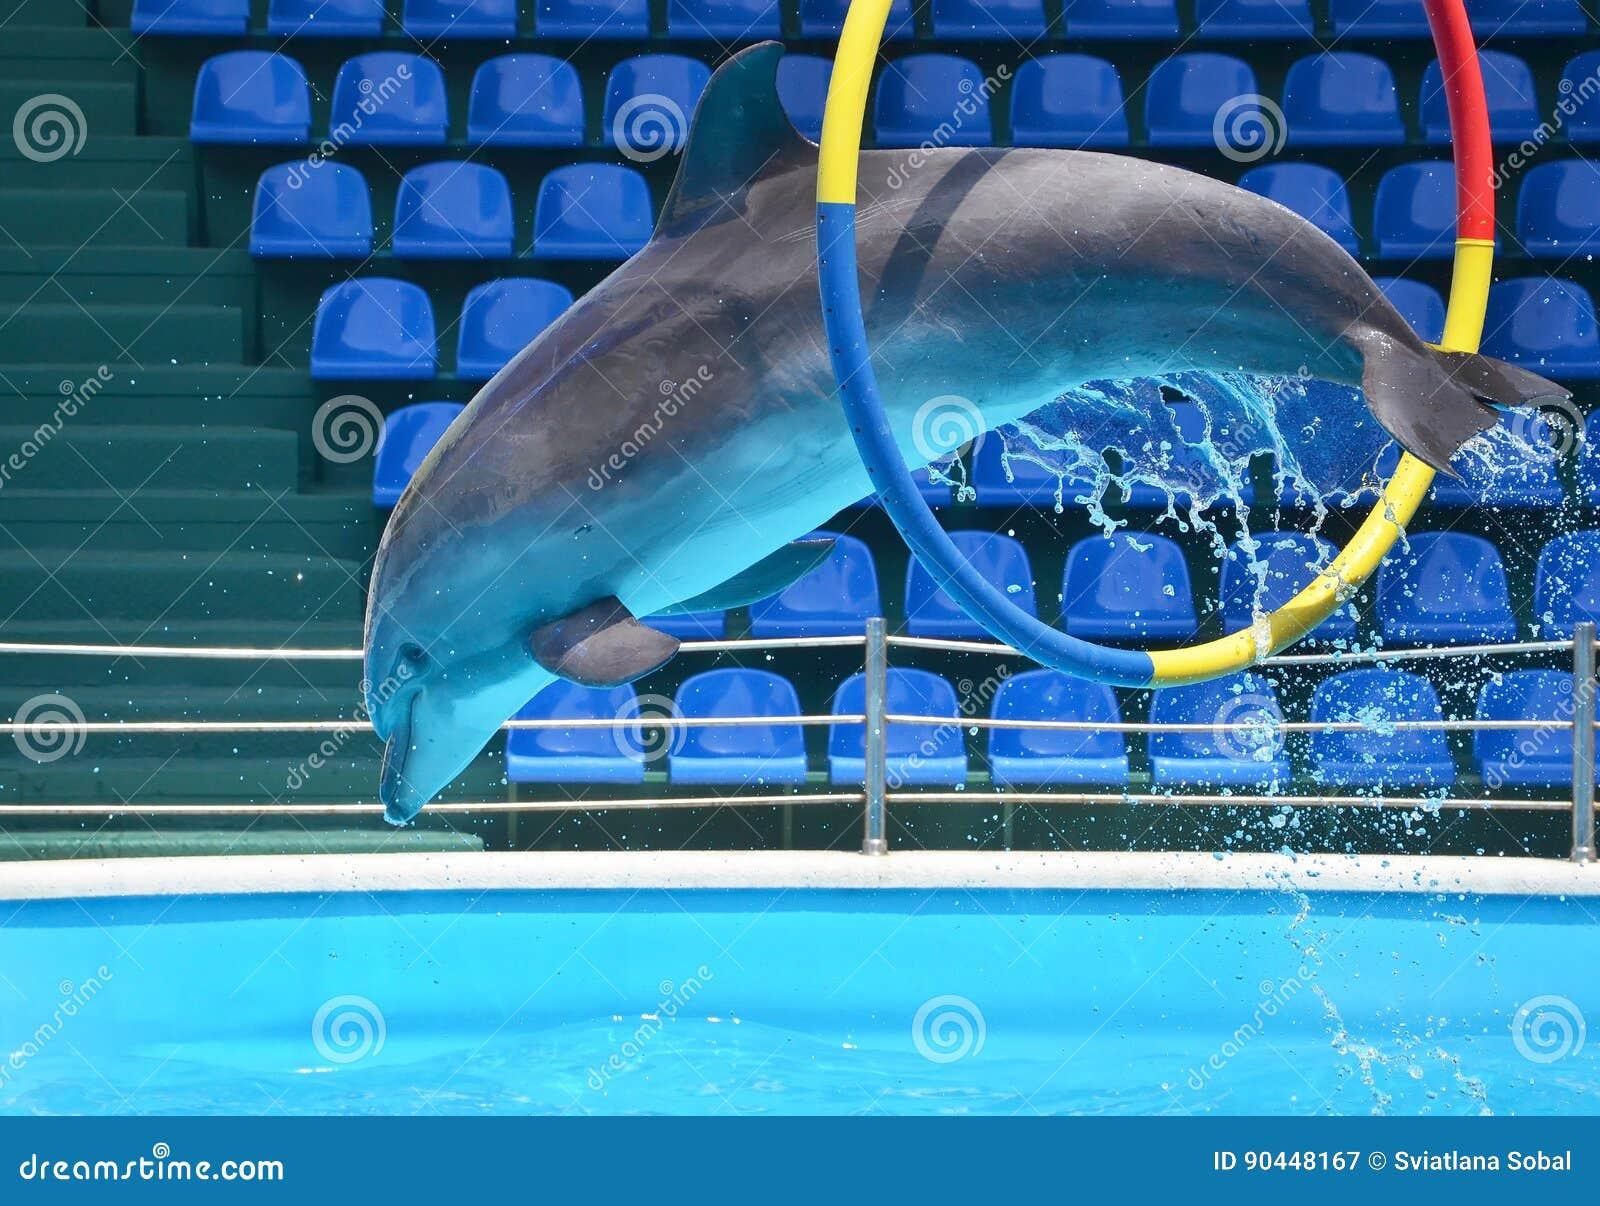 Дельфин скача через обруч